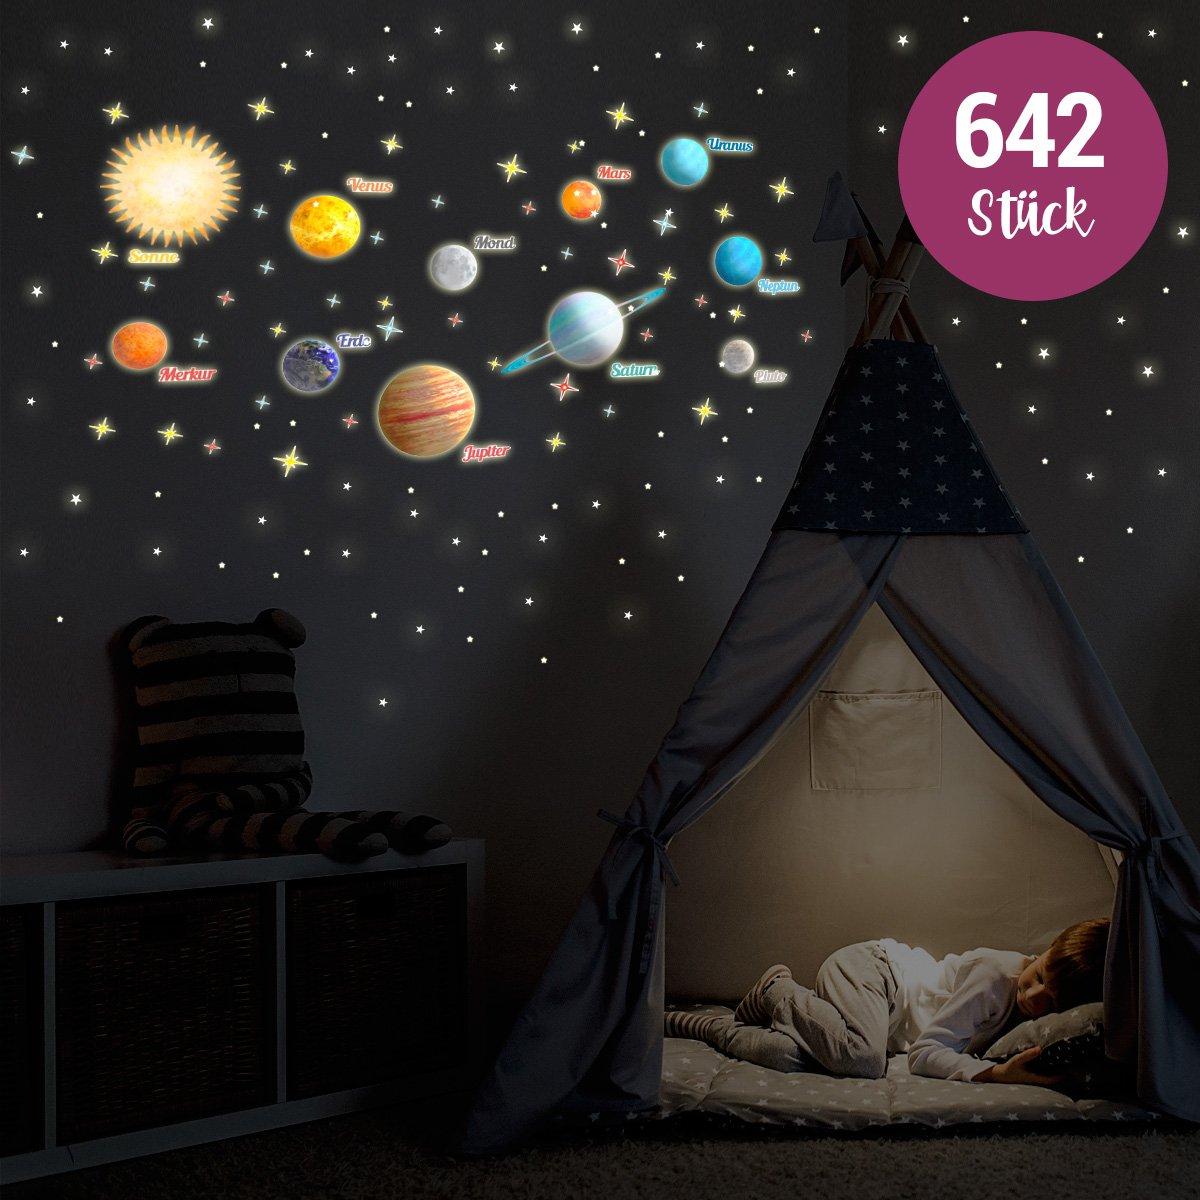 Wandkings leuc htauf – Adhesivo Nuestro sistema solar, estrellas y ...